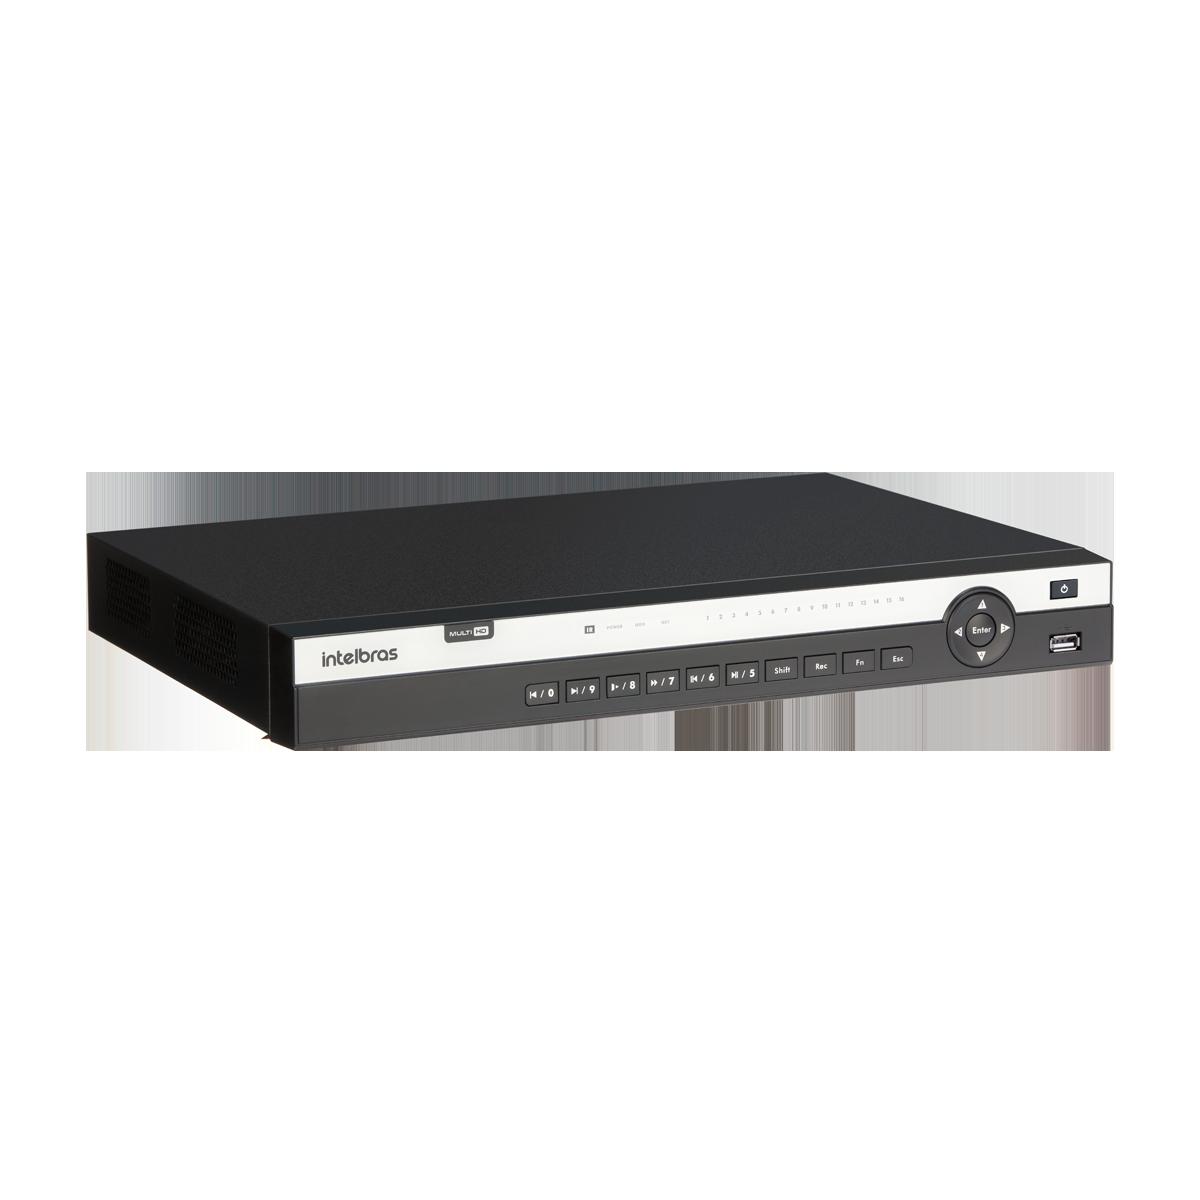 MHDX 3132 Gravador digital de vídeo 32 canais Intelbras